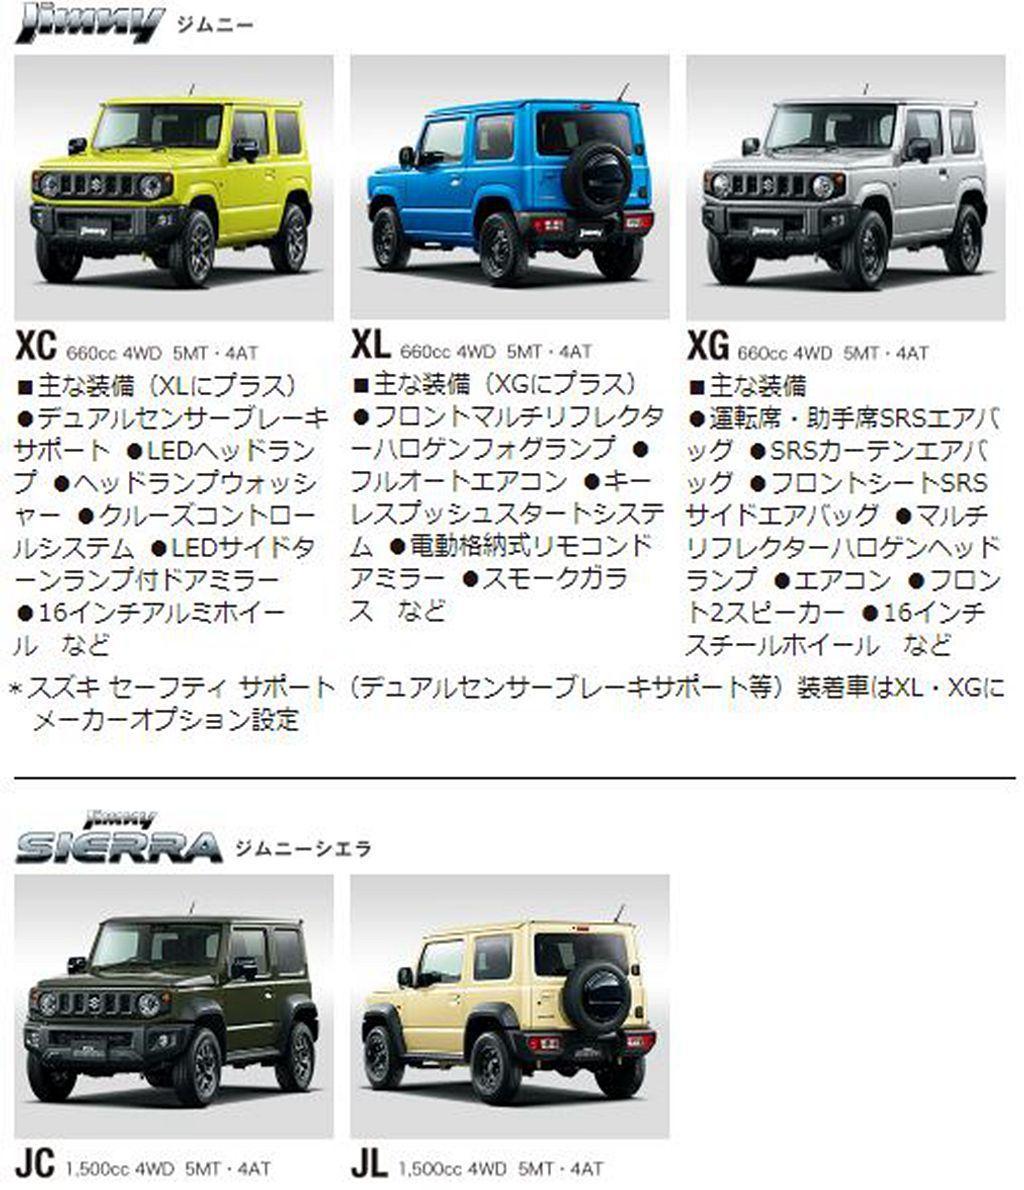 在日本市場Suzuki Jimny XG、XL、XC為符合當地K Car規範的車...